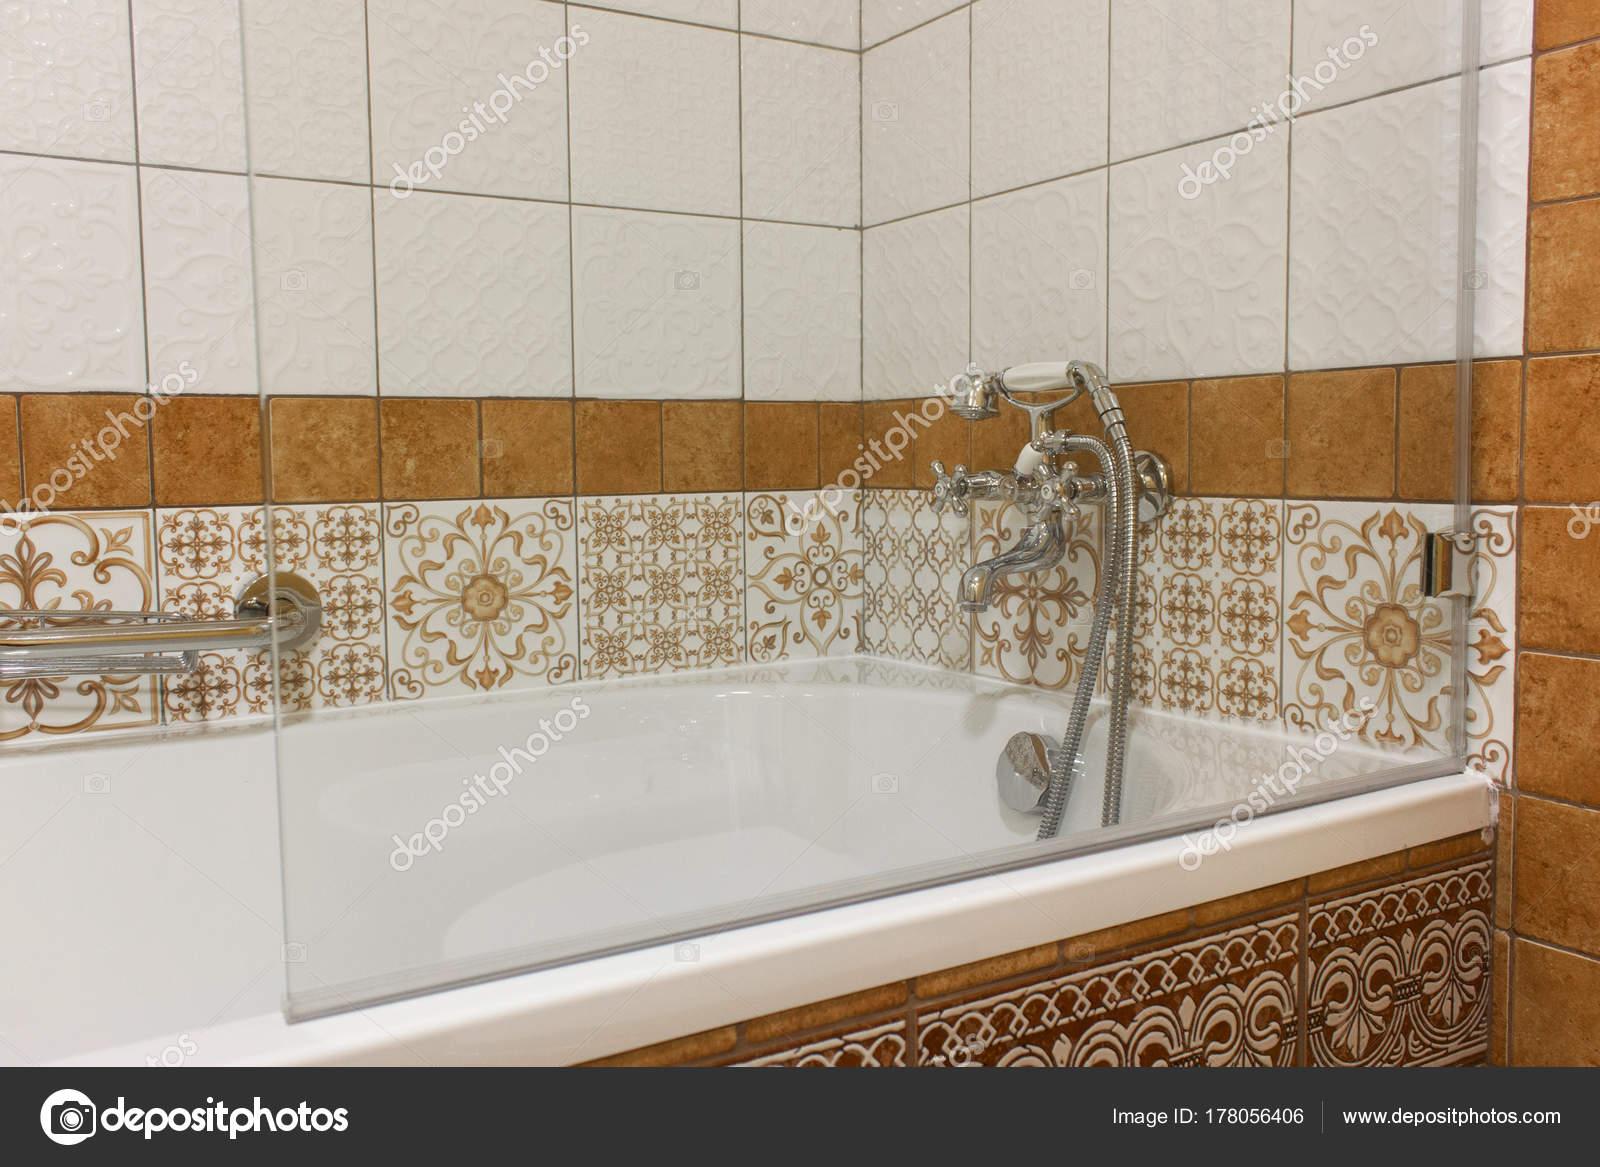 Cremagliera di doccia su vasca di bagno u foto stock